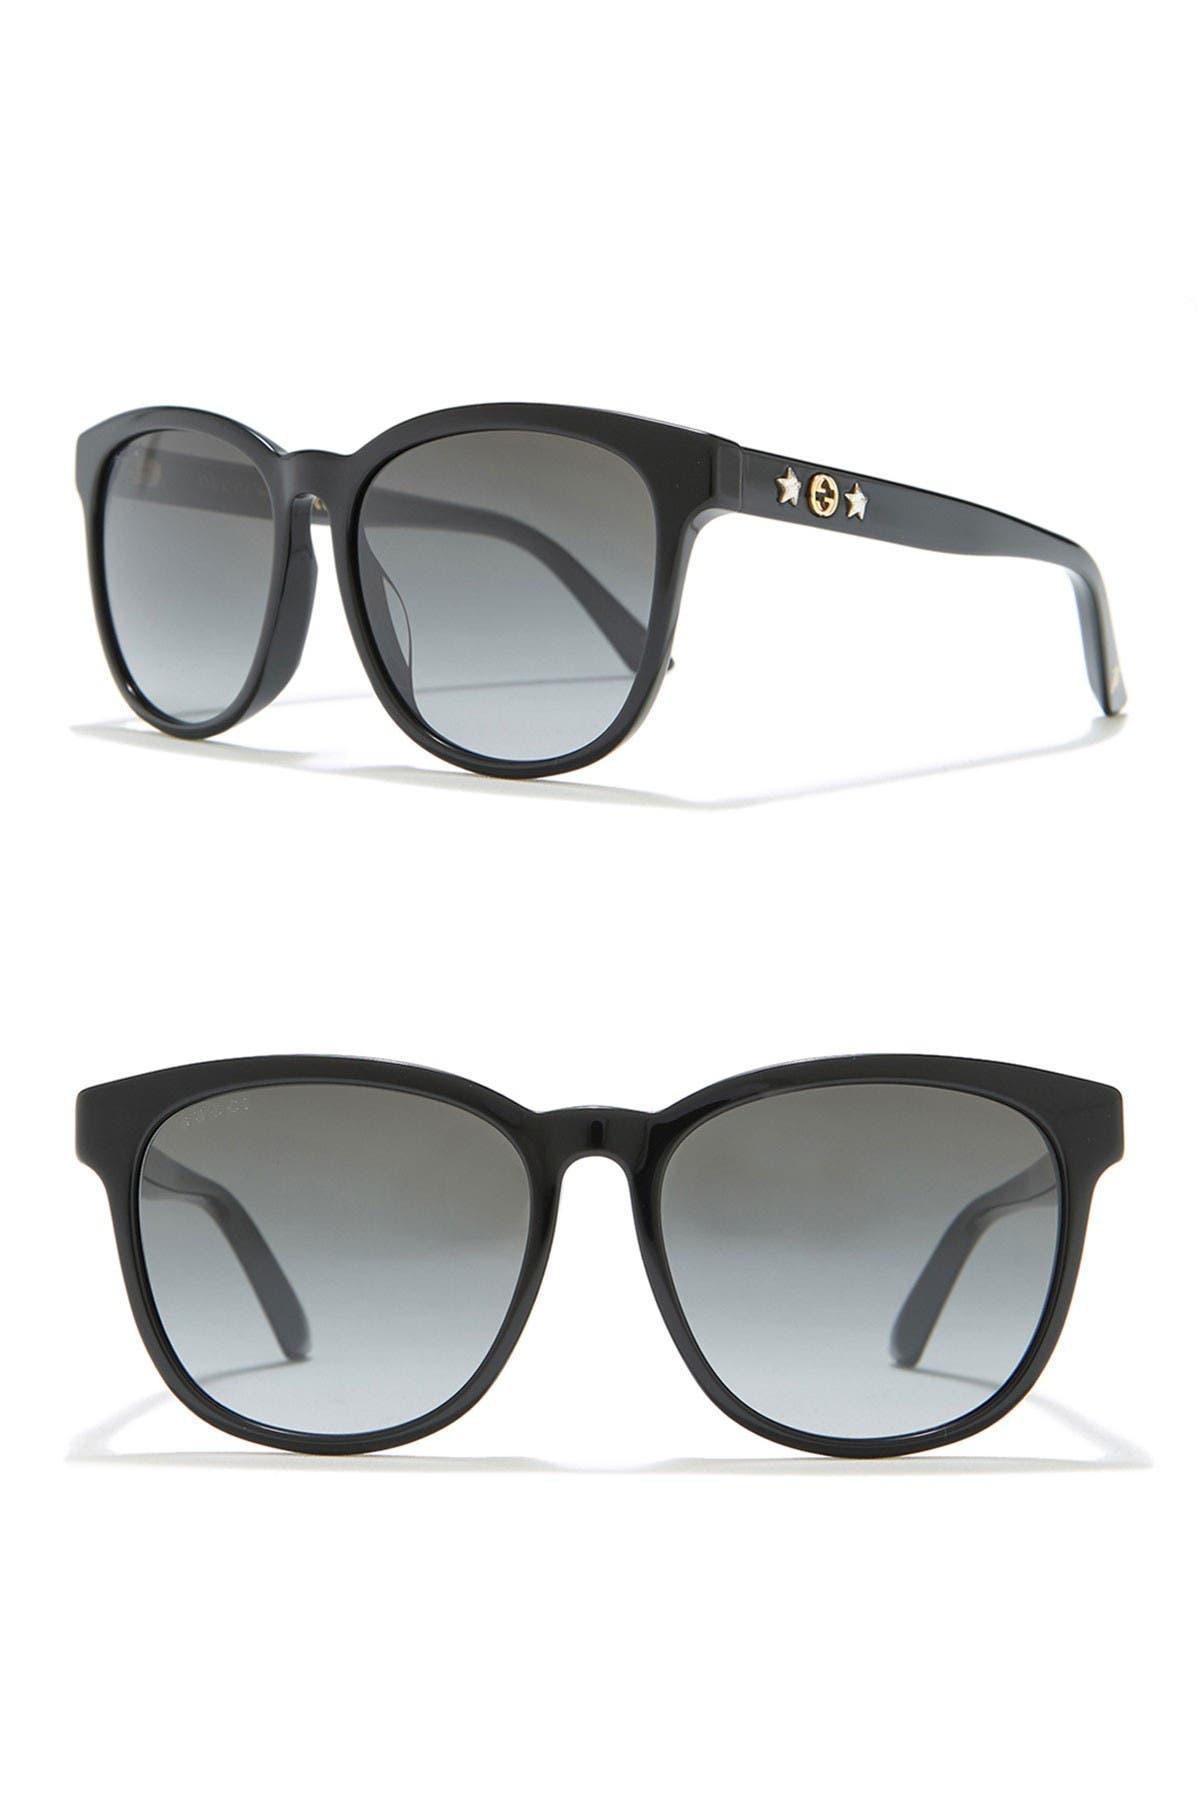 Image of GUCCI 57mm Square Sunglasses